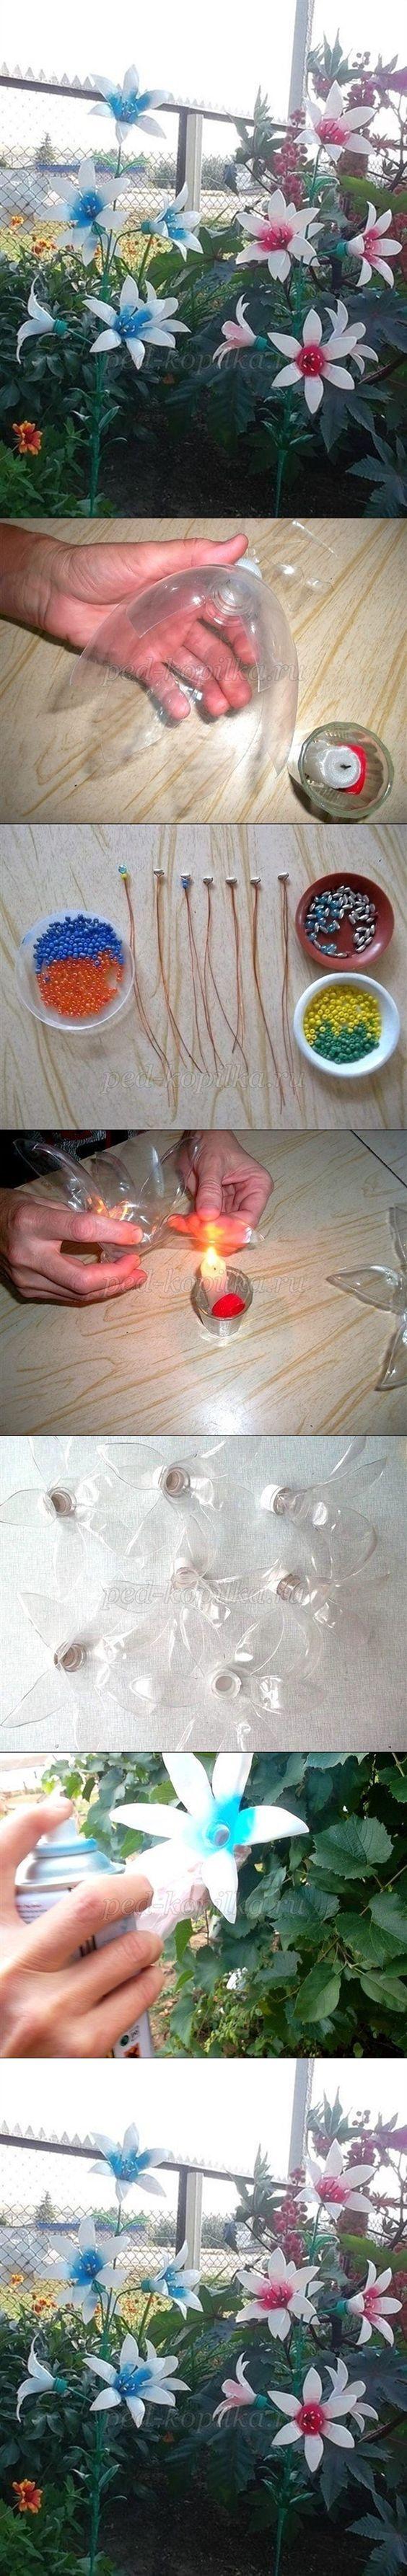 DIY Flower for Garden from Plastic Bottle | www.FabArtDIY.com LIKE Us on Facebook ==> https://www.facebook.com/FabArtDIY: